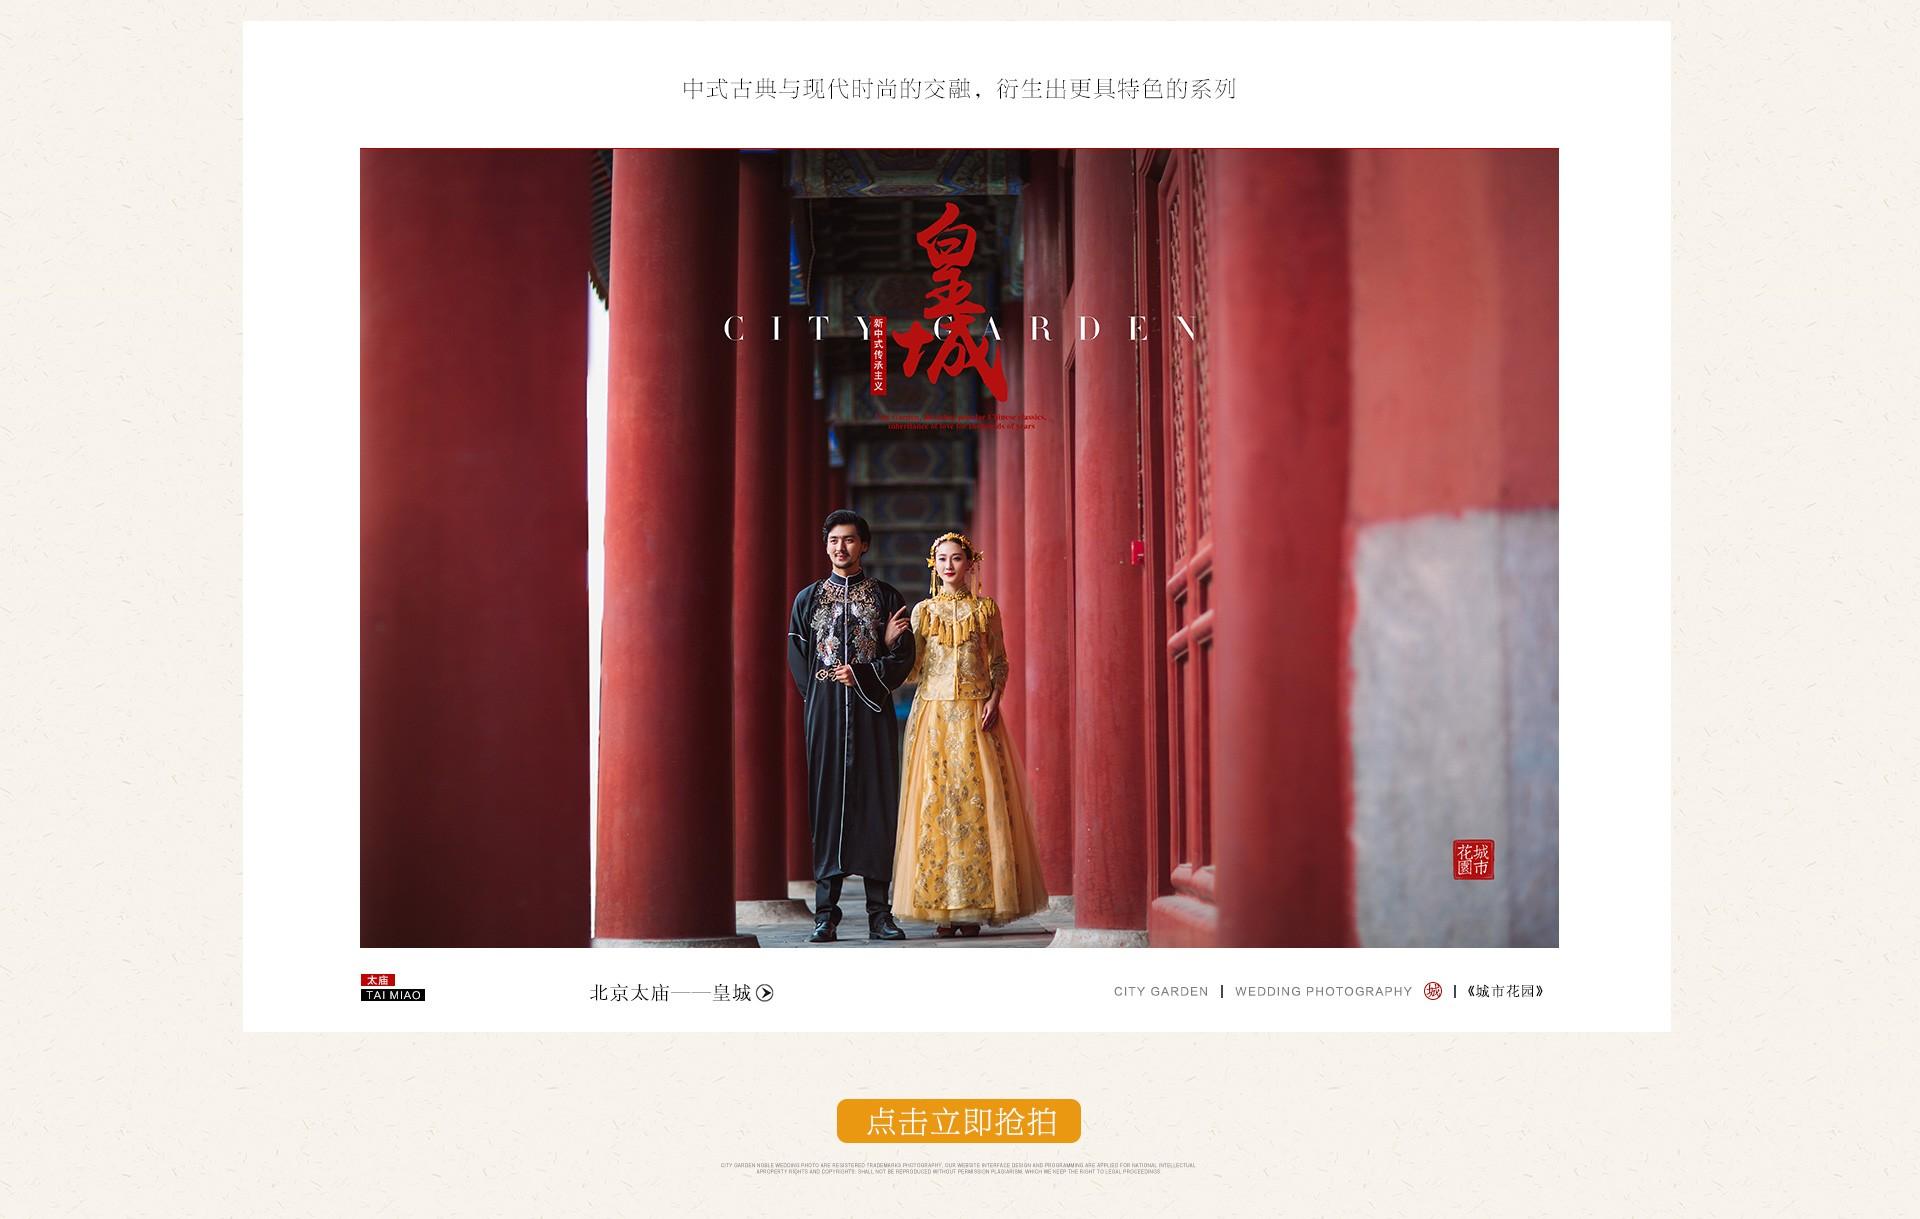 太庙金色-(2)_09.jpg